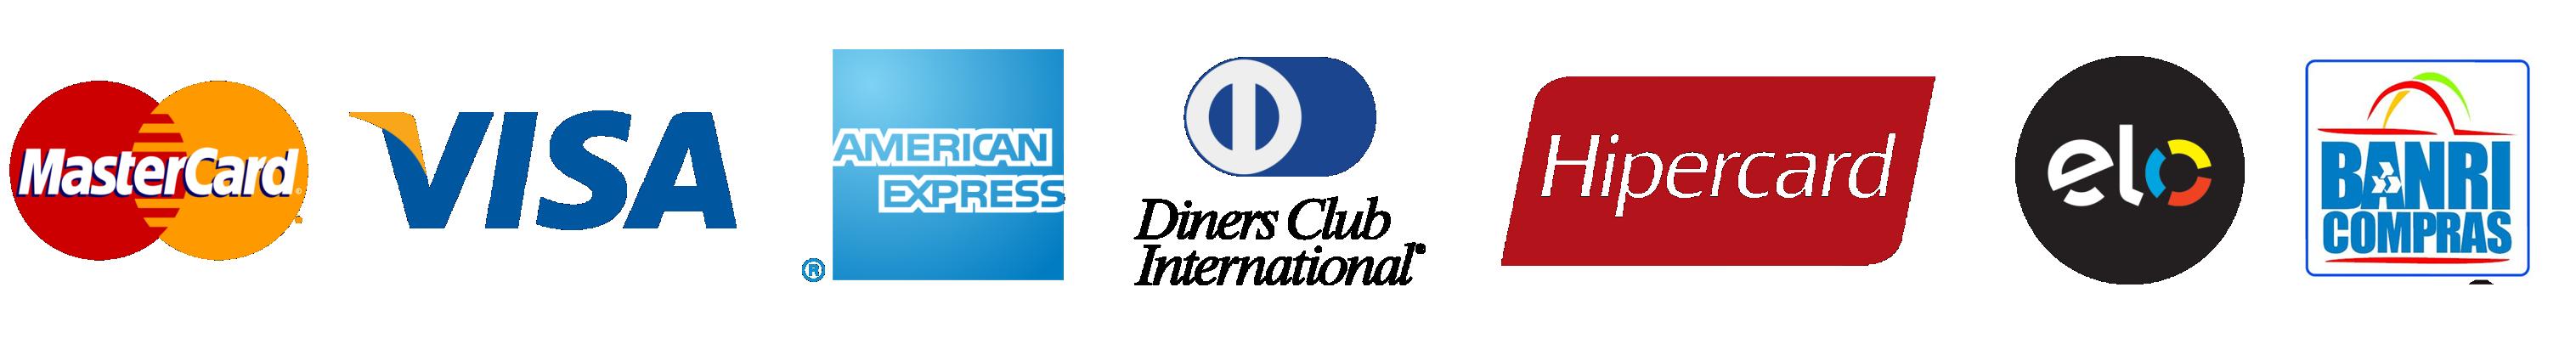 Bandeiras Cartão De Crédito Png.